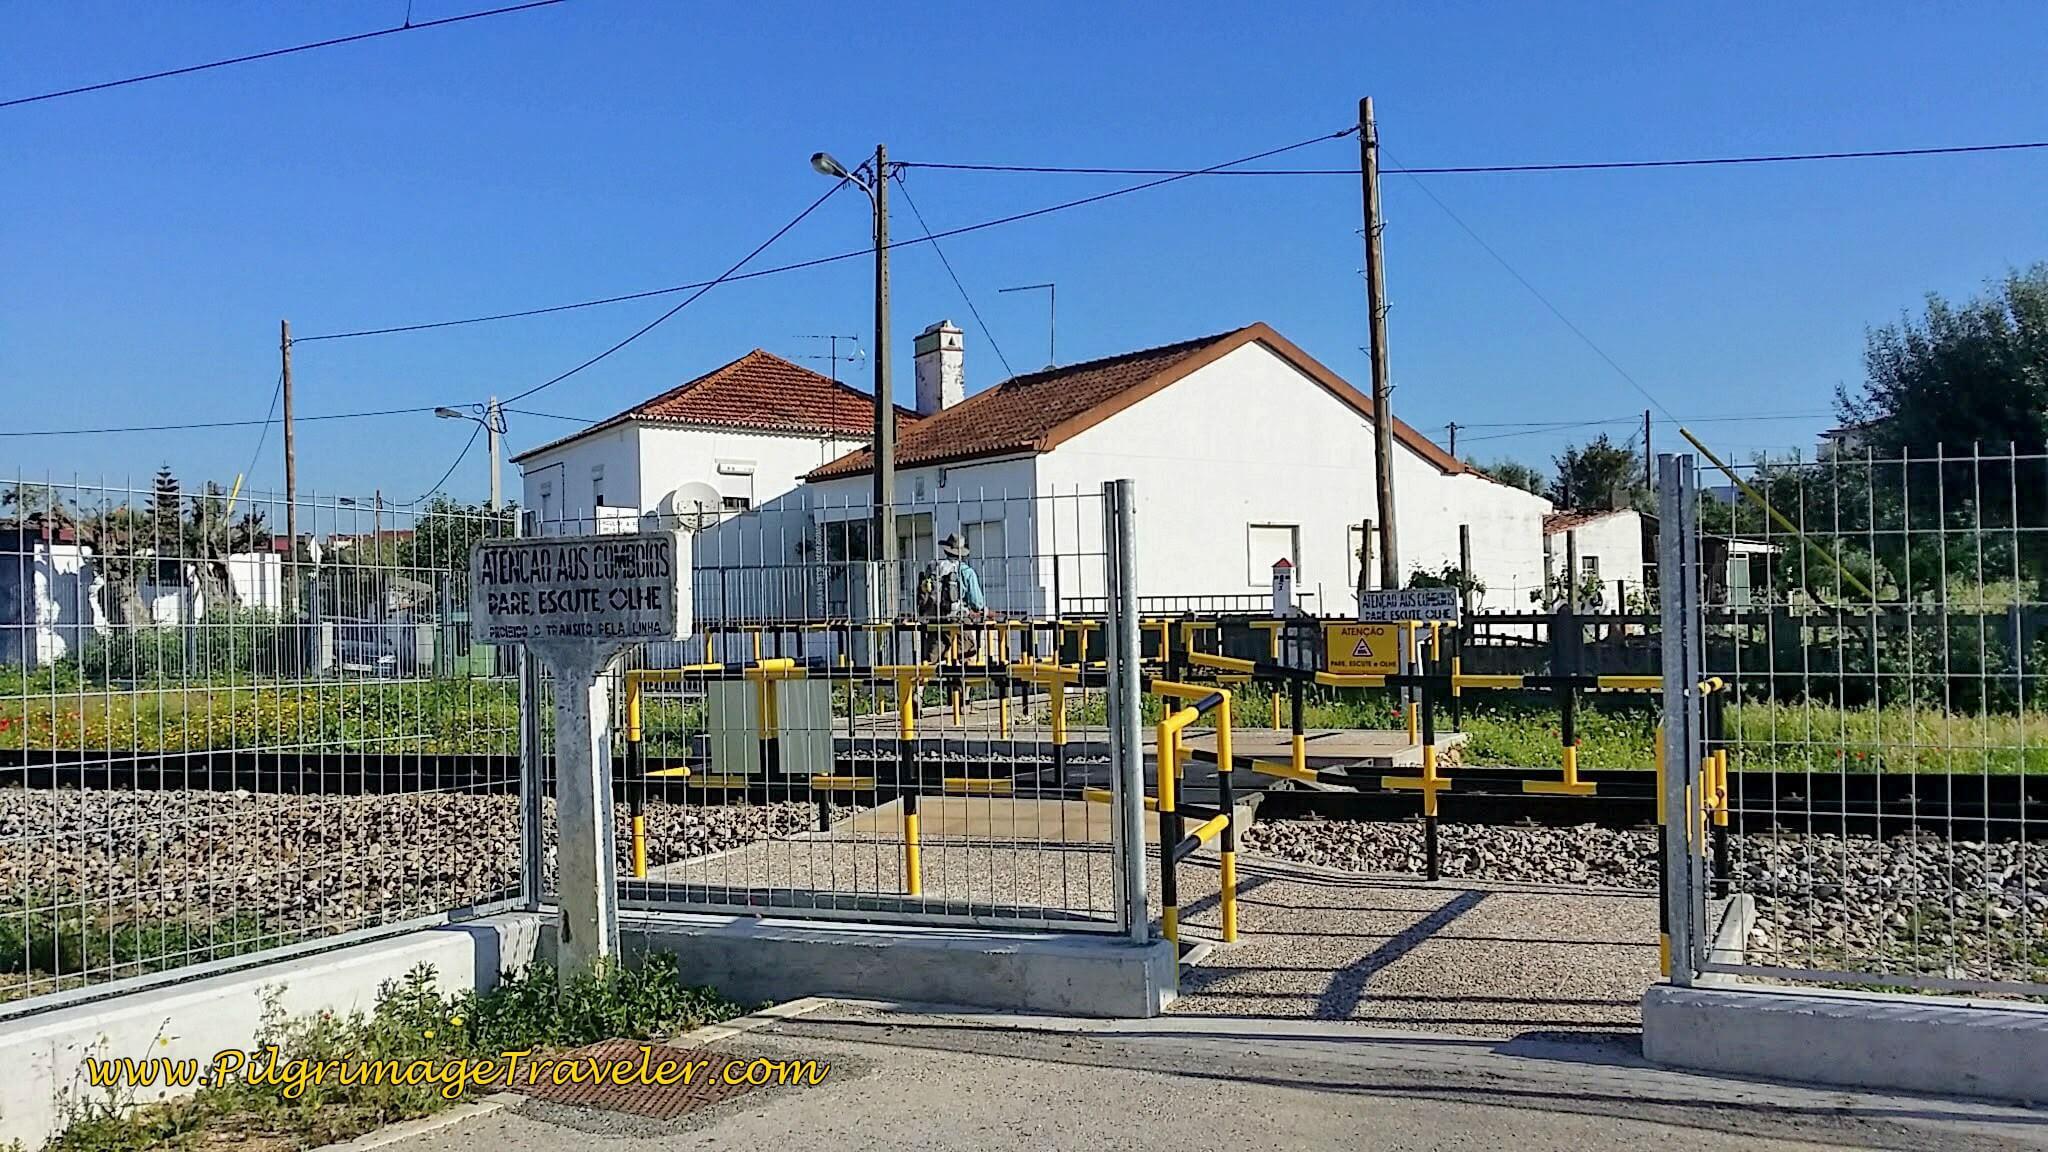 Pedestrian Railroad Crossing in Vila Nova da Barquinha, Portugal